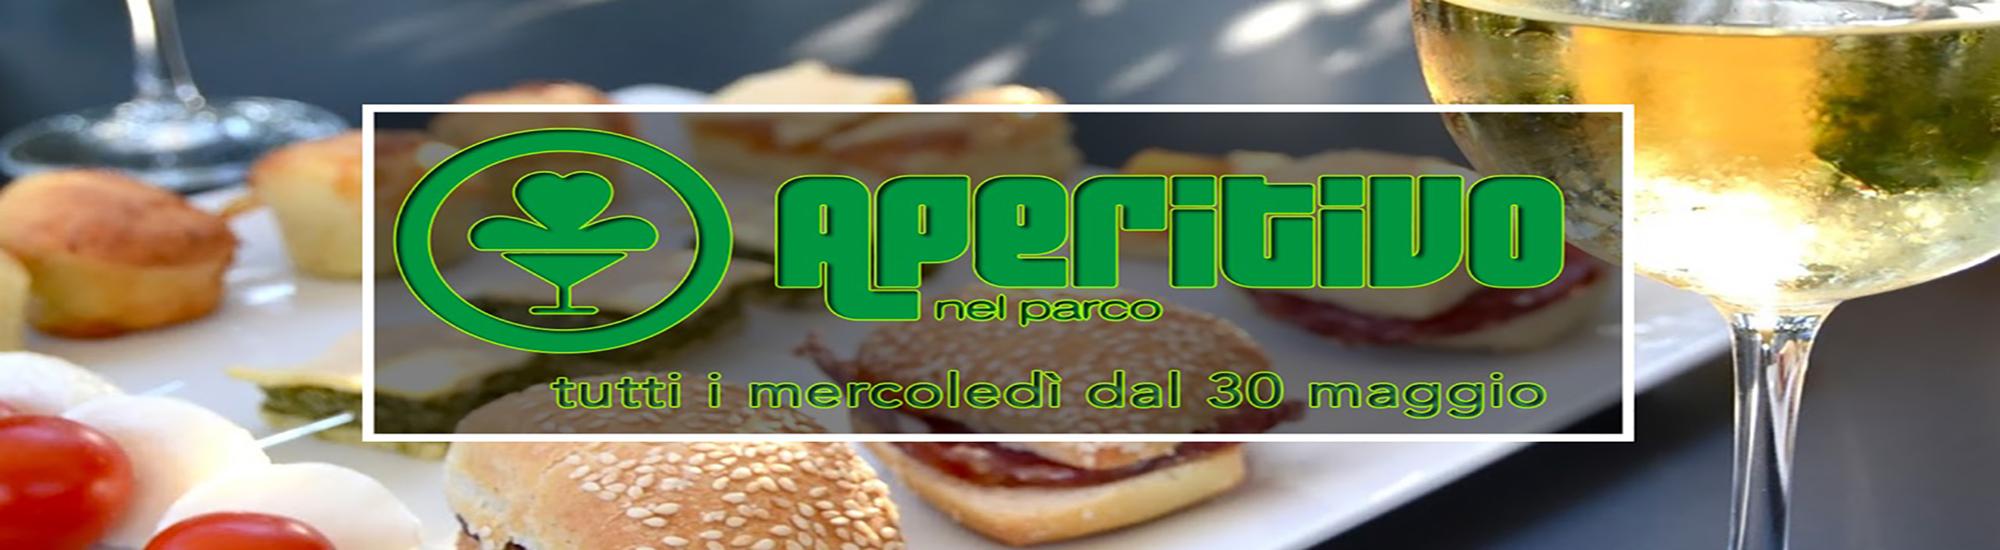 <a href='http://www.allasicilia.it/aperitivo-nel-parco-2/'></a>